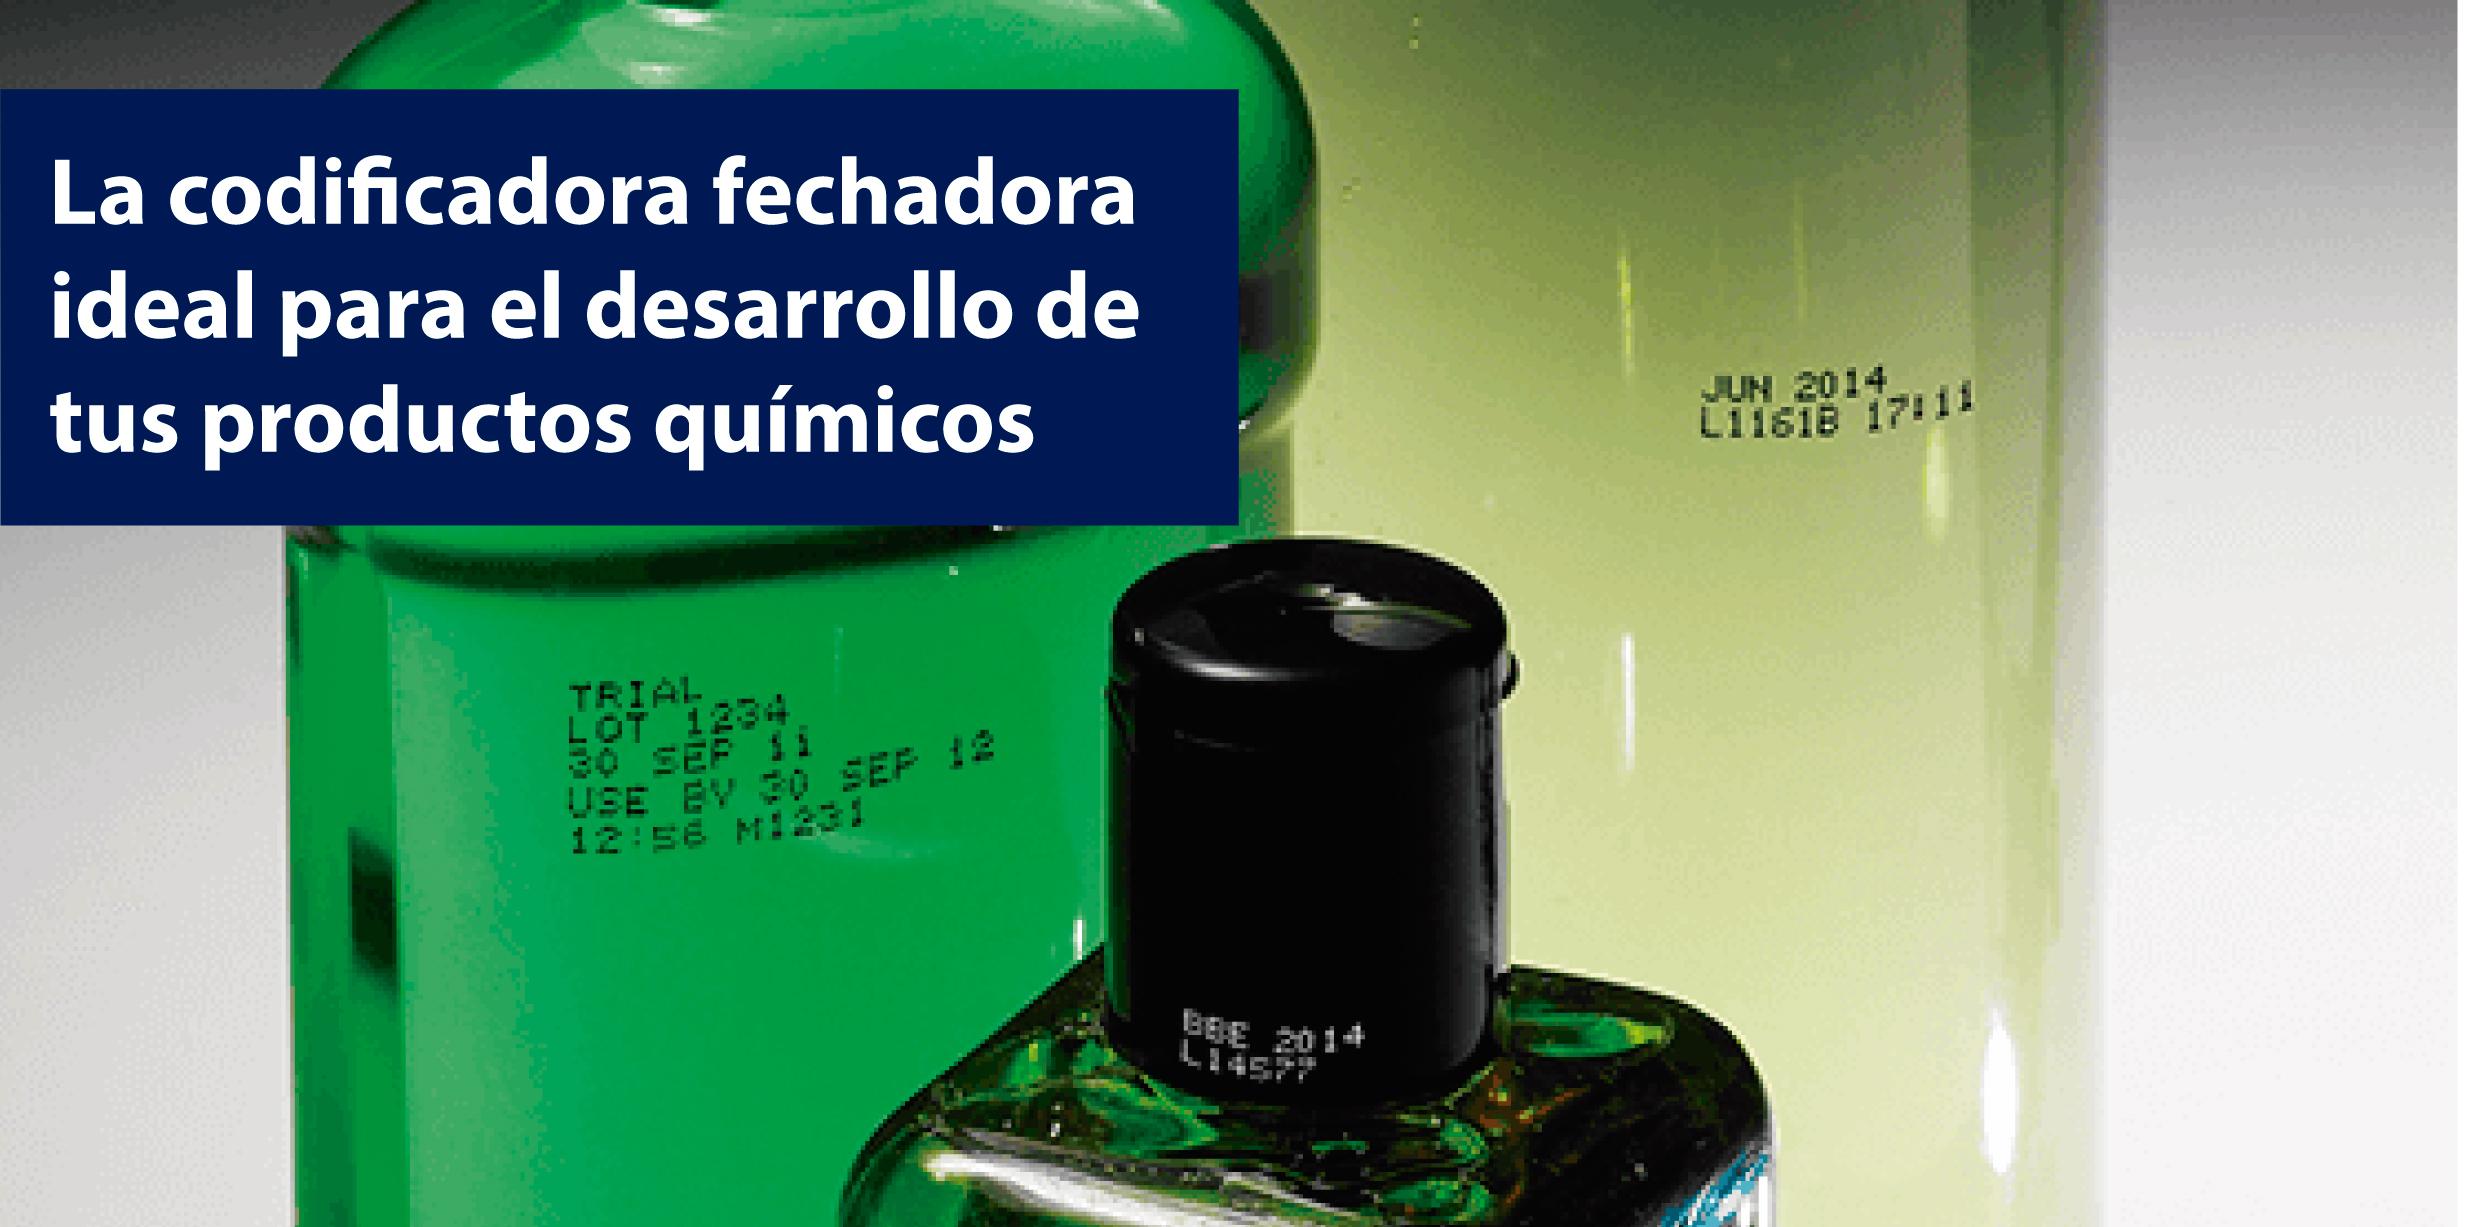 codificadora fechadora de productos quimicos